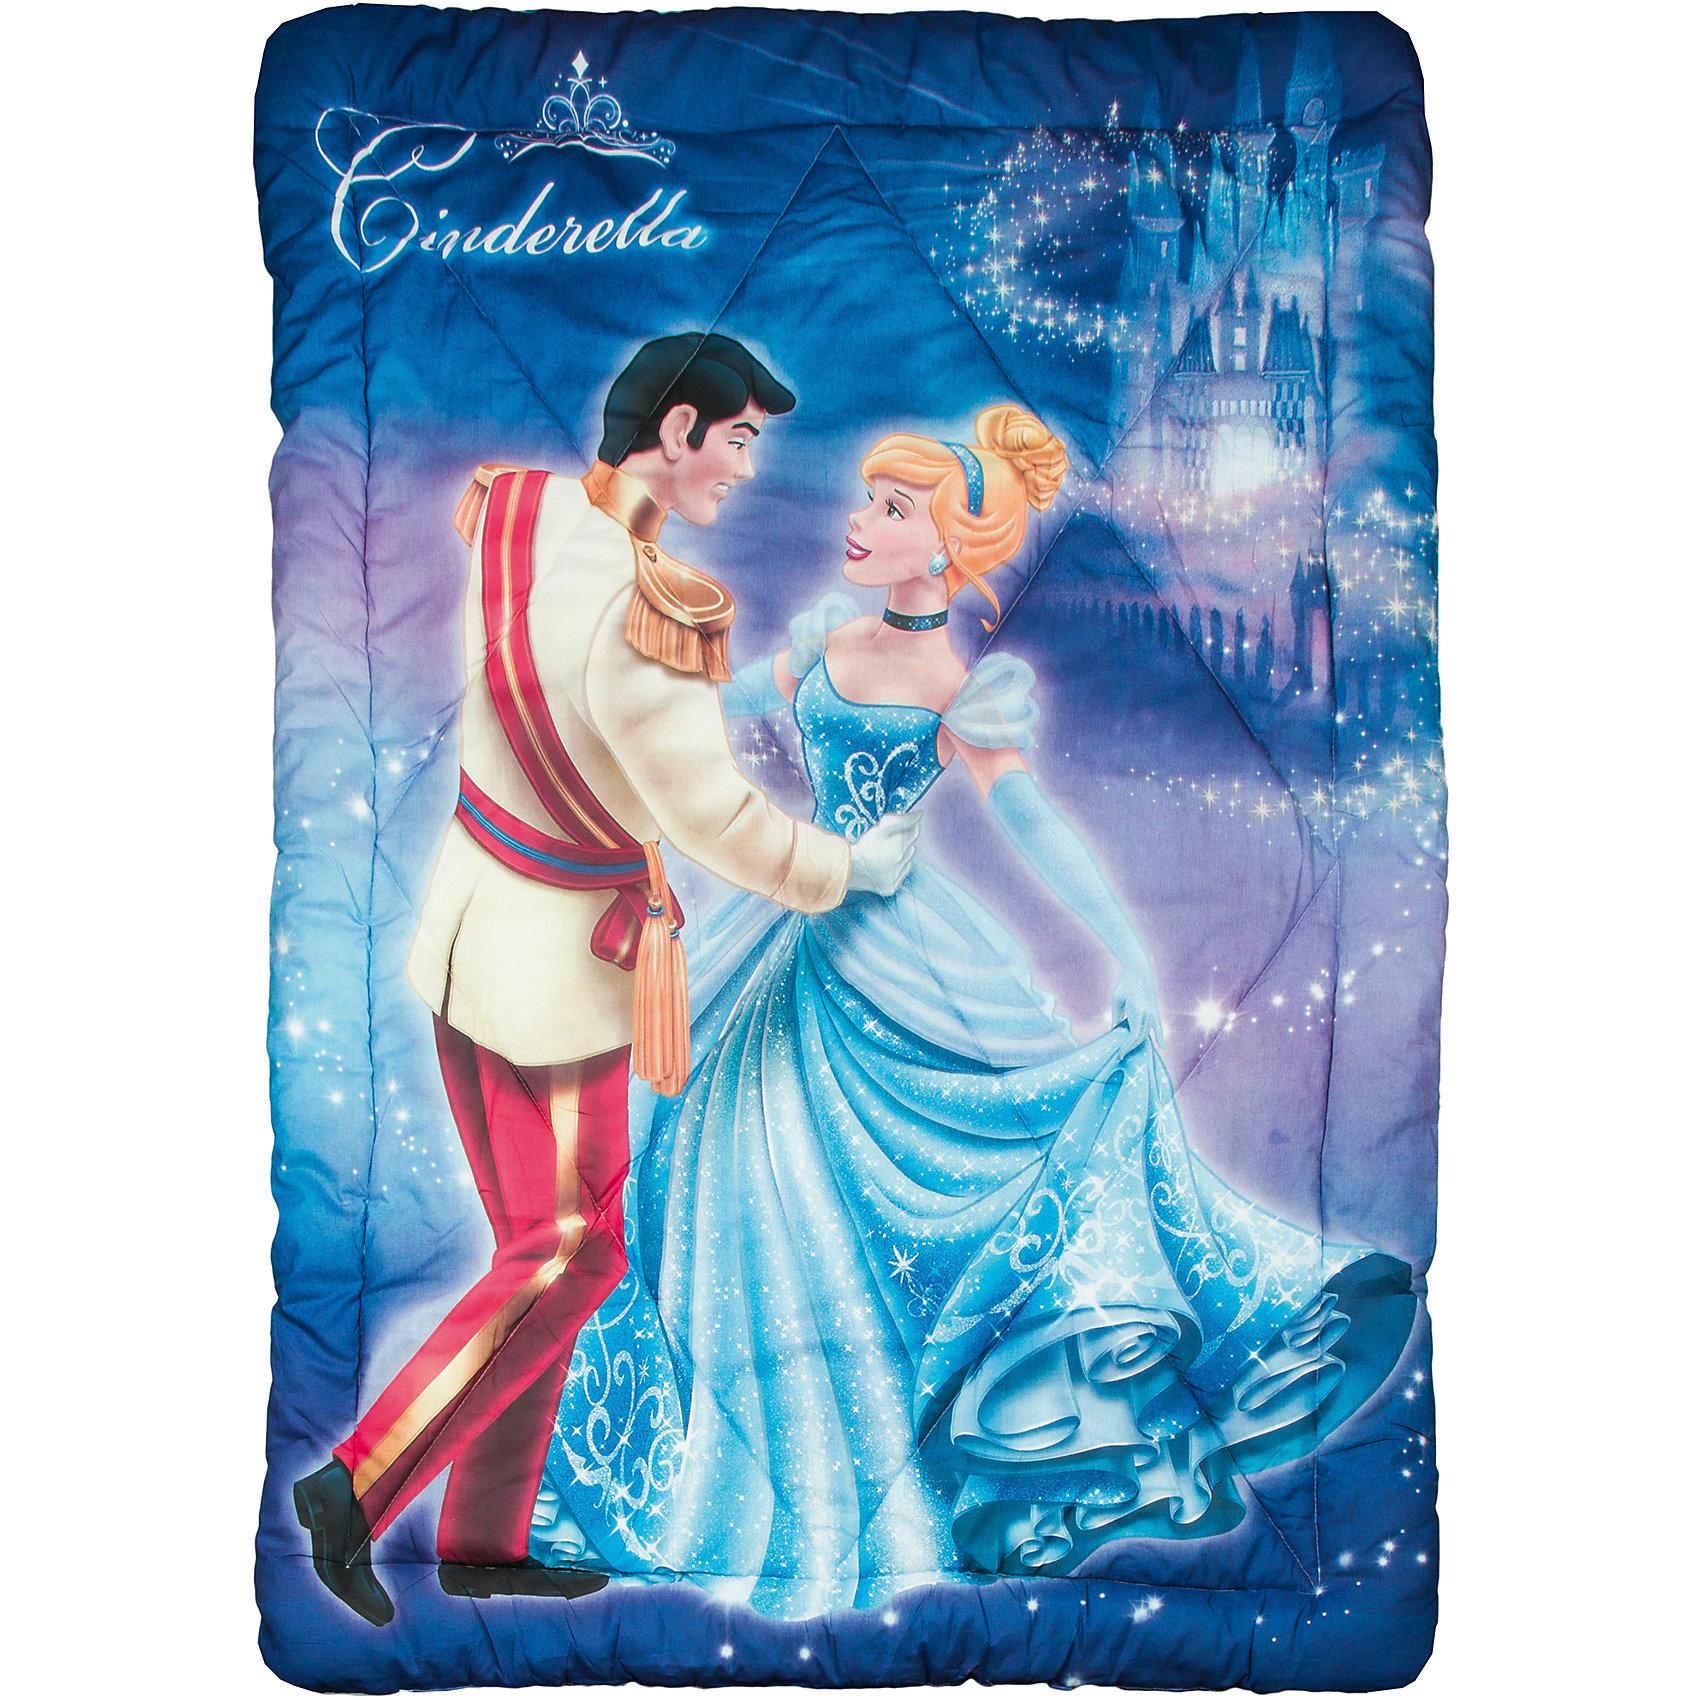 Зимнее одеяло Золушка с Принцем 140*205 см, 1,5-спальноеЗимние одеяла серии Disney (Дисней) - универсальная линейка, с идеальным сочетанием цены, качества и простоты ухода. Изделия выполнены из высококачественного экологического сырья, безопасного для здоровья. Одеяло с изображениями любимых героев обязательно понравится вашему ребенку и подарит ему добрые сны! <br><br>Дополнительная информация:<br><br>- Материал: верх - бязь (100% хлопок), наполнитель - роялон (100% ПЭ)<br>- Размер: 140х205 см.<br>- 1,5-спальное одеяло.<br><br>Зимнее одеяло Золушка с Принцем 140х205 см, 1,5-спальное, можно купить в нашем магазине.<br><br>Ширина мм: 550<br>Глубина мм: 40<br>Высота мм: 550<br>Вес г: 950<br>Возраст от месяцев: 36<br>Возраст до месяцев: 180<br>Пол: Женский<br>Возраст: Детский<br>SKU: 4442999